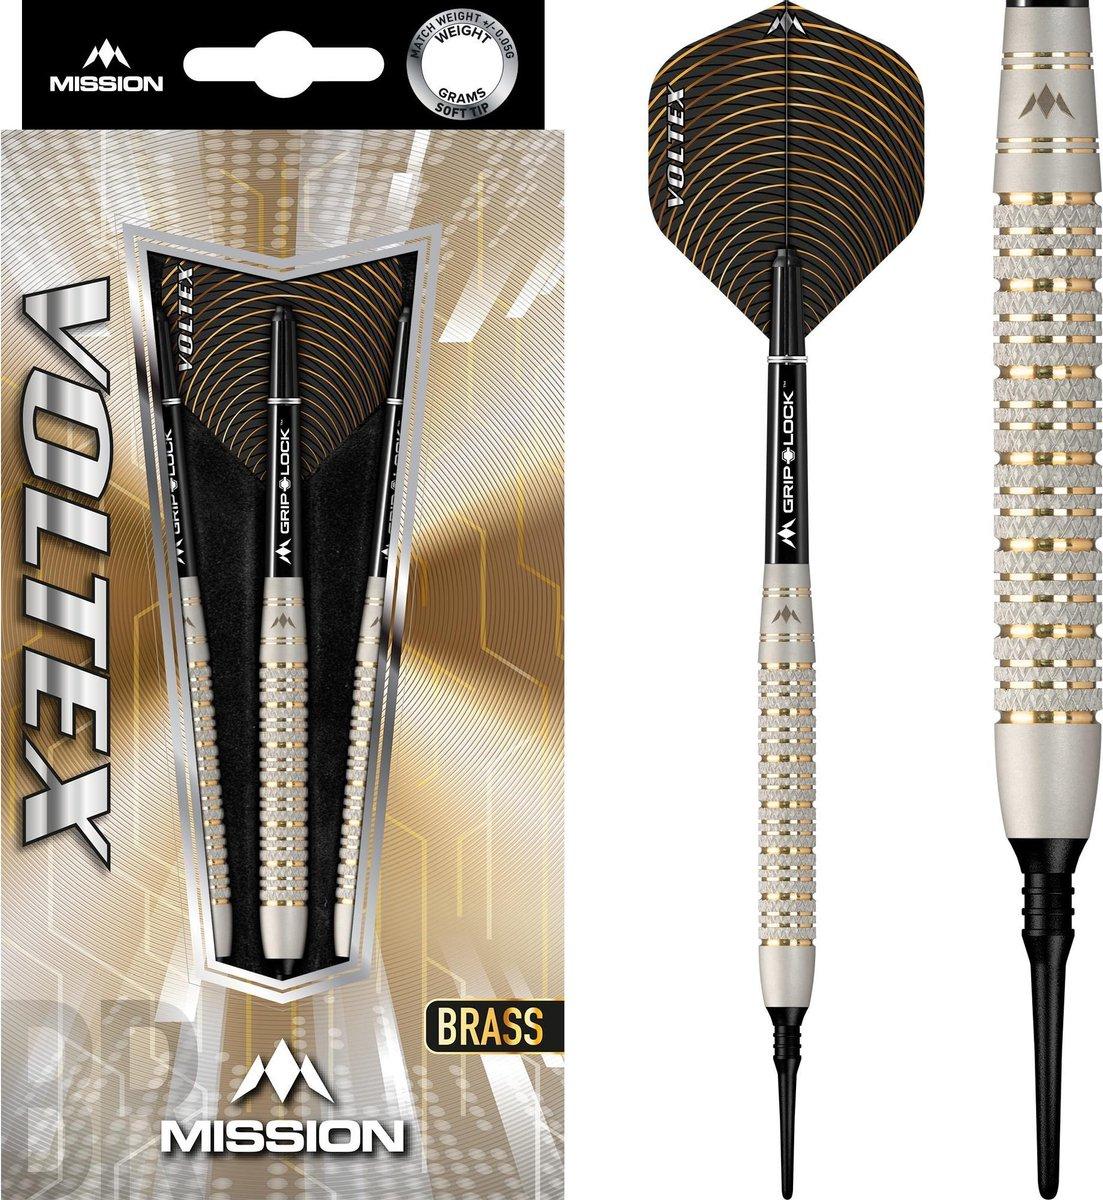 Mission Voltex M2 Brass Soft Tip - 19 Gram